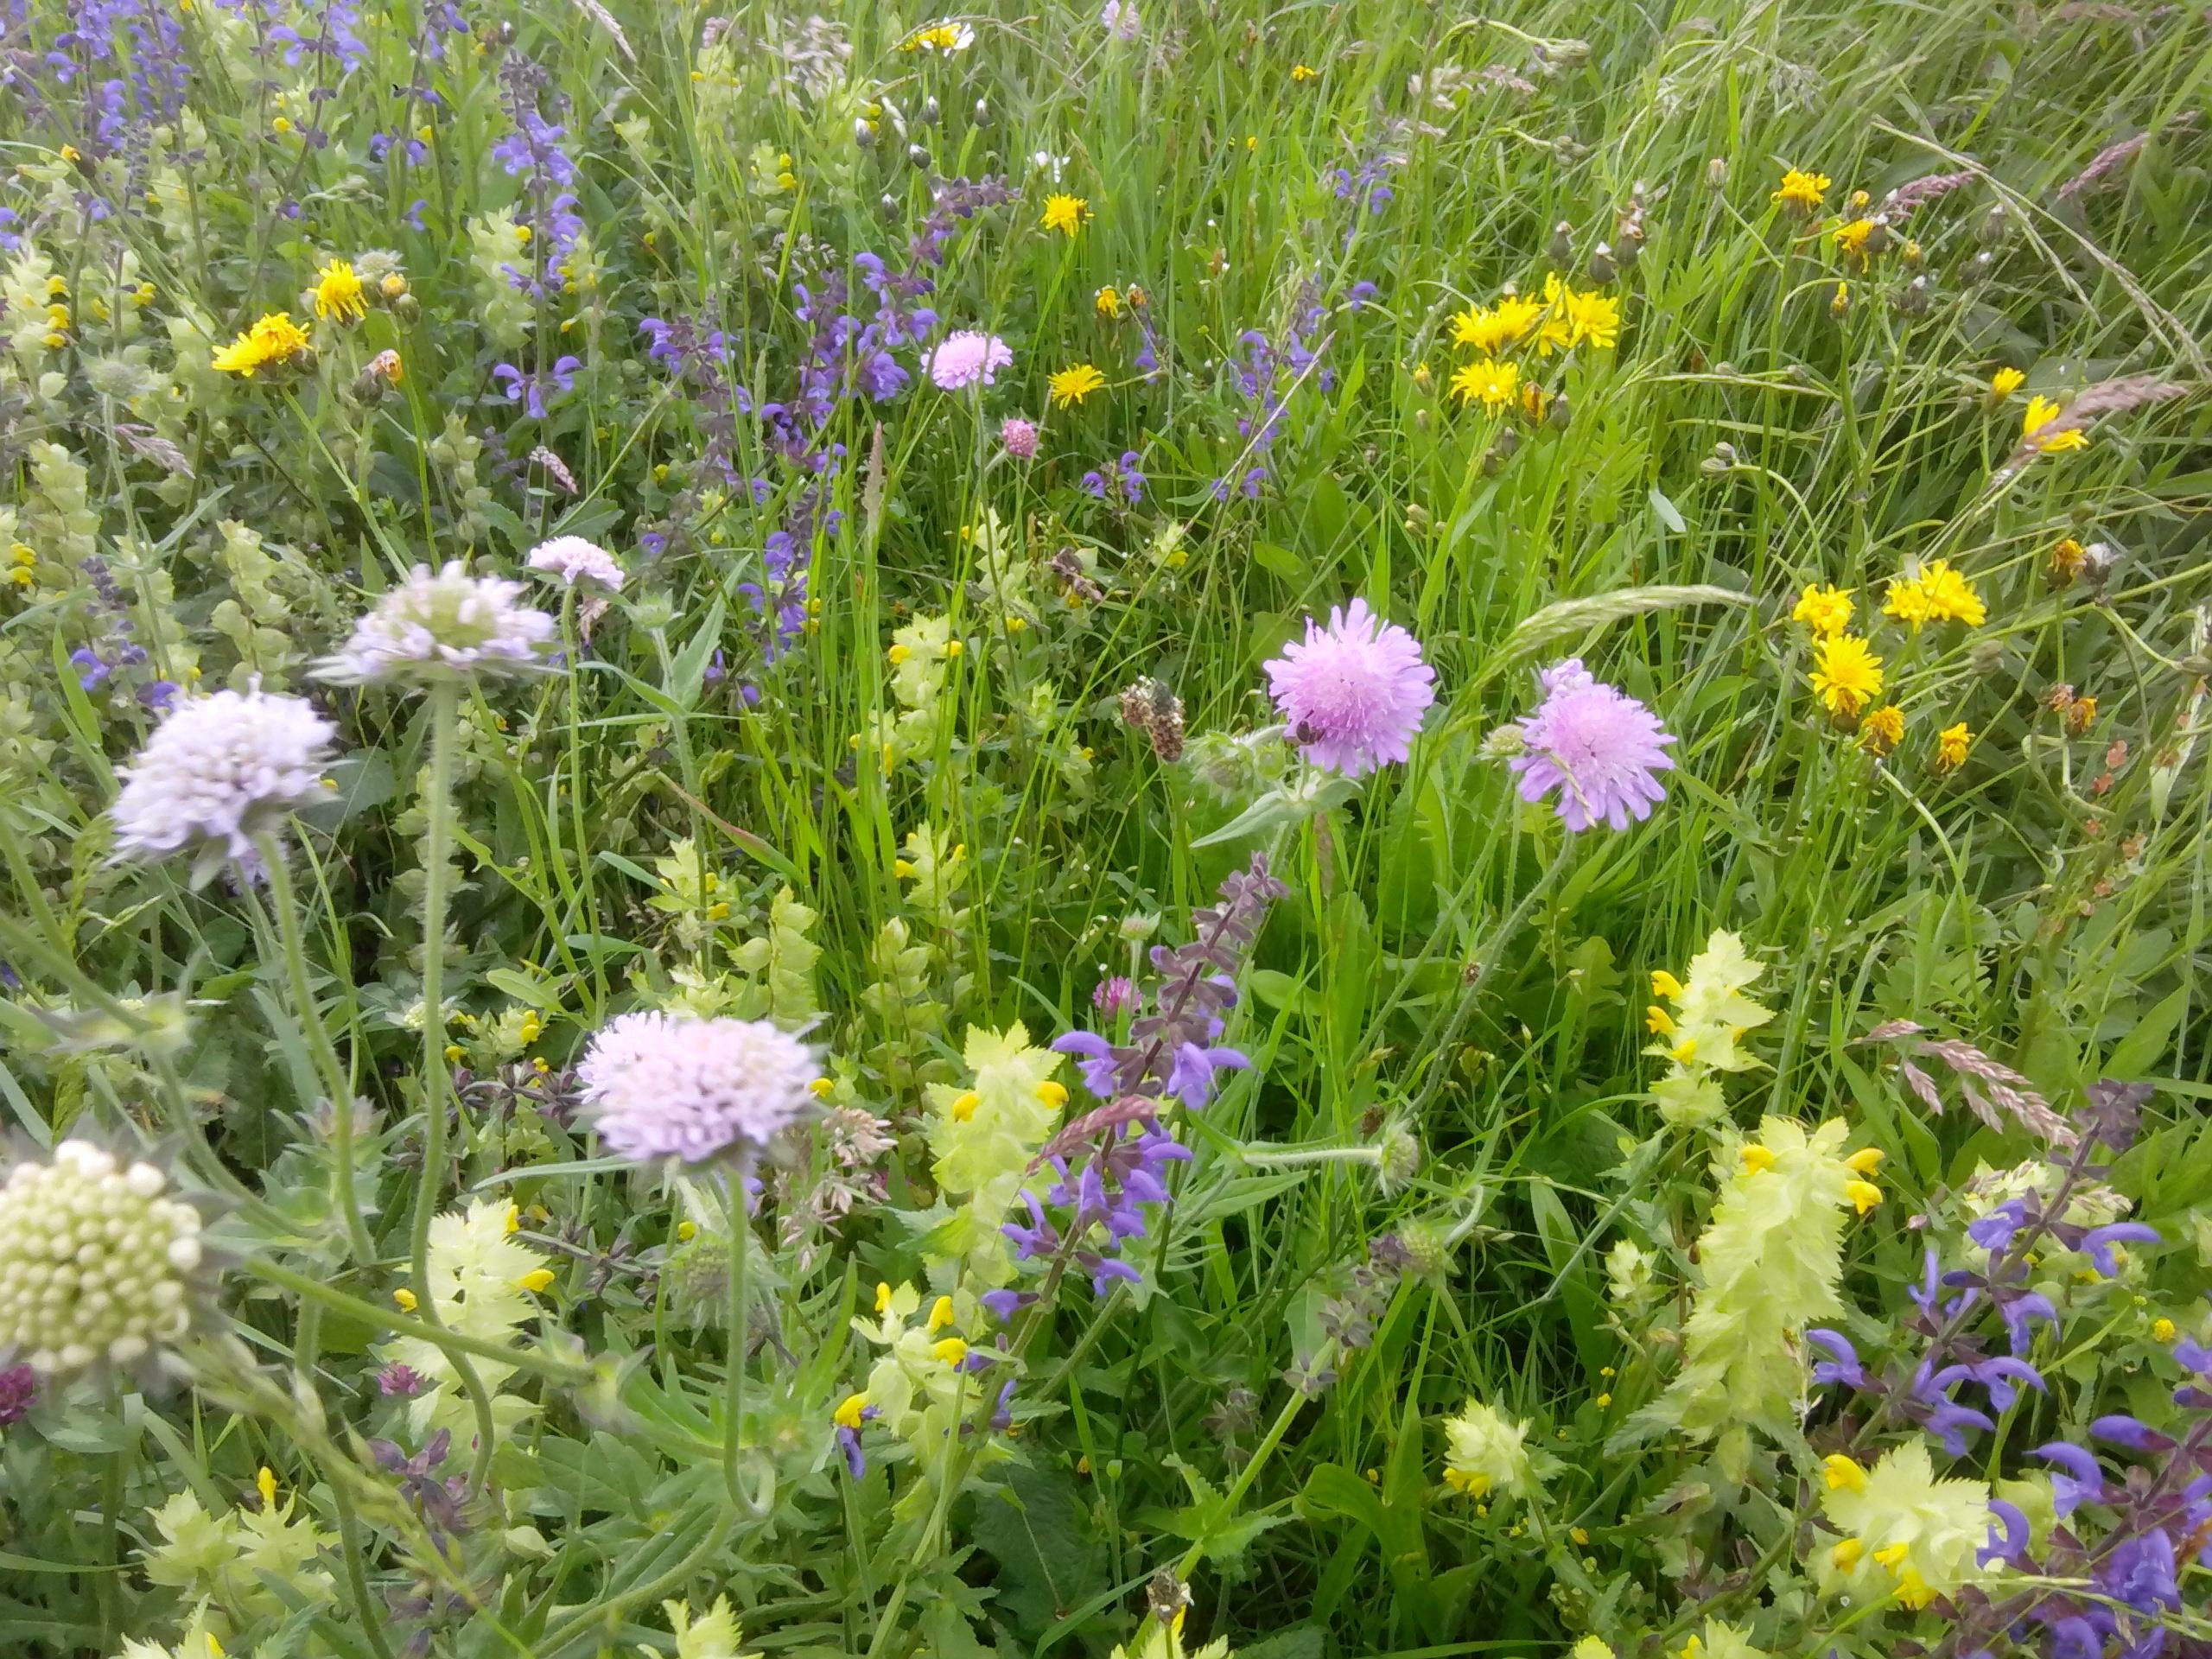 Solch herrliche Blumenwiesen sind nicht nur für das menschliche Auge eine Pracht, sondern auch für Bienen wichtig.